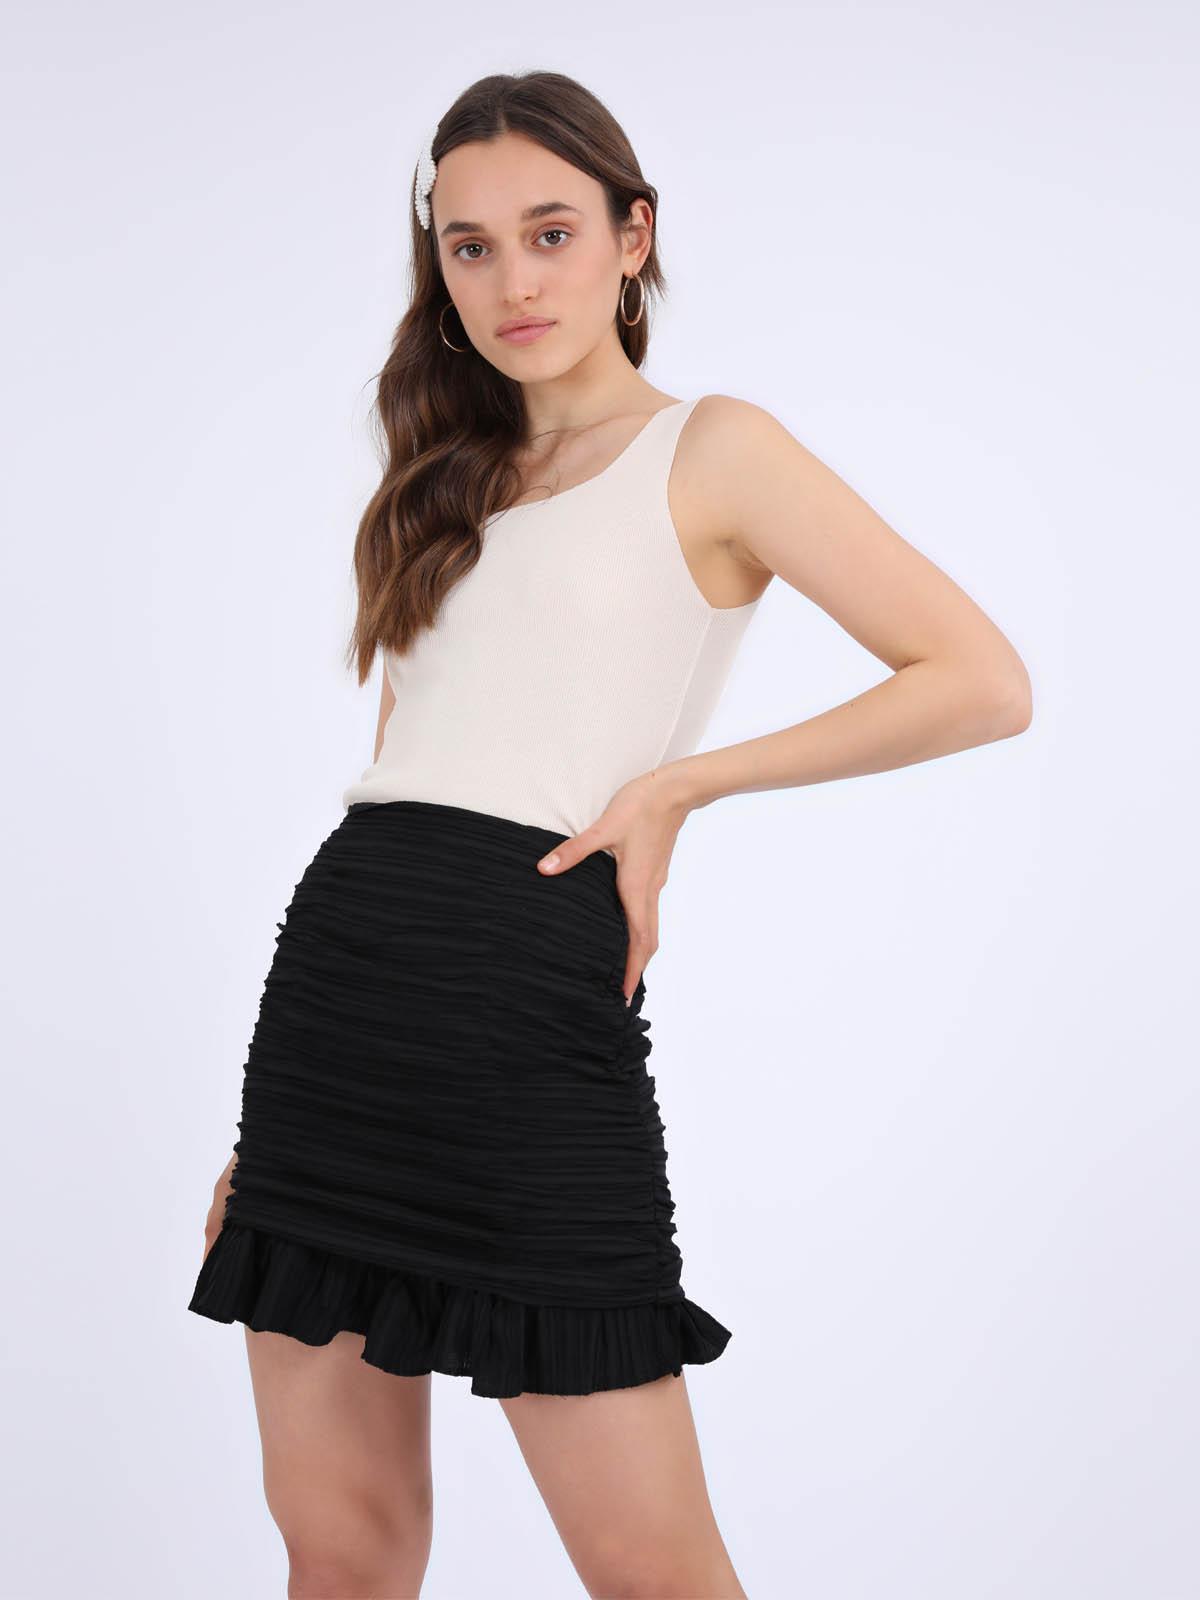 חצאית כיווצים לאב שחור סטייל ריבר